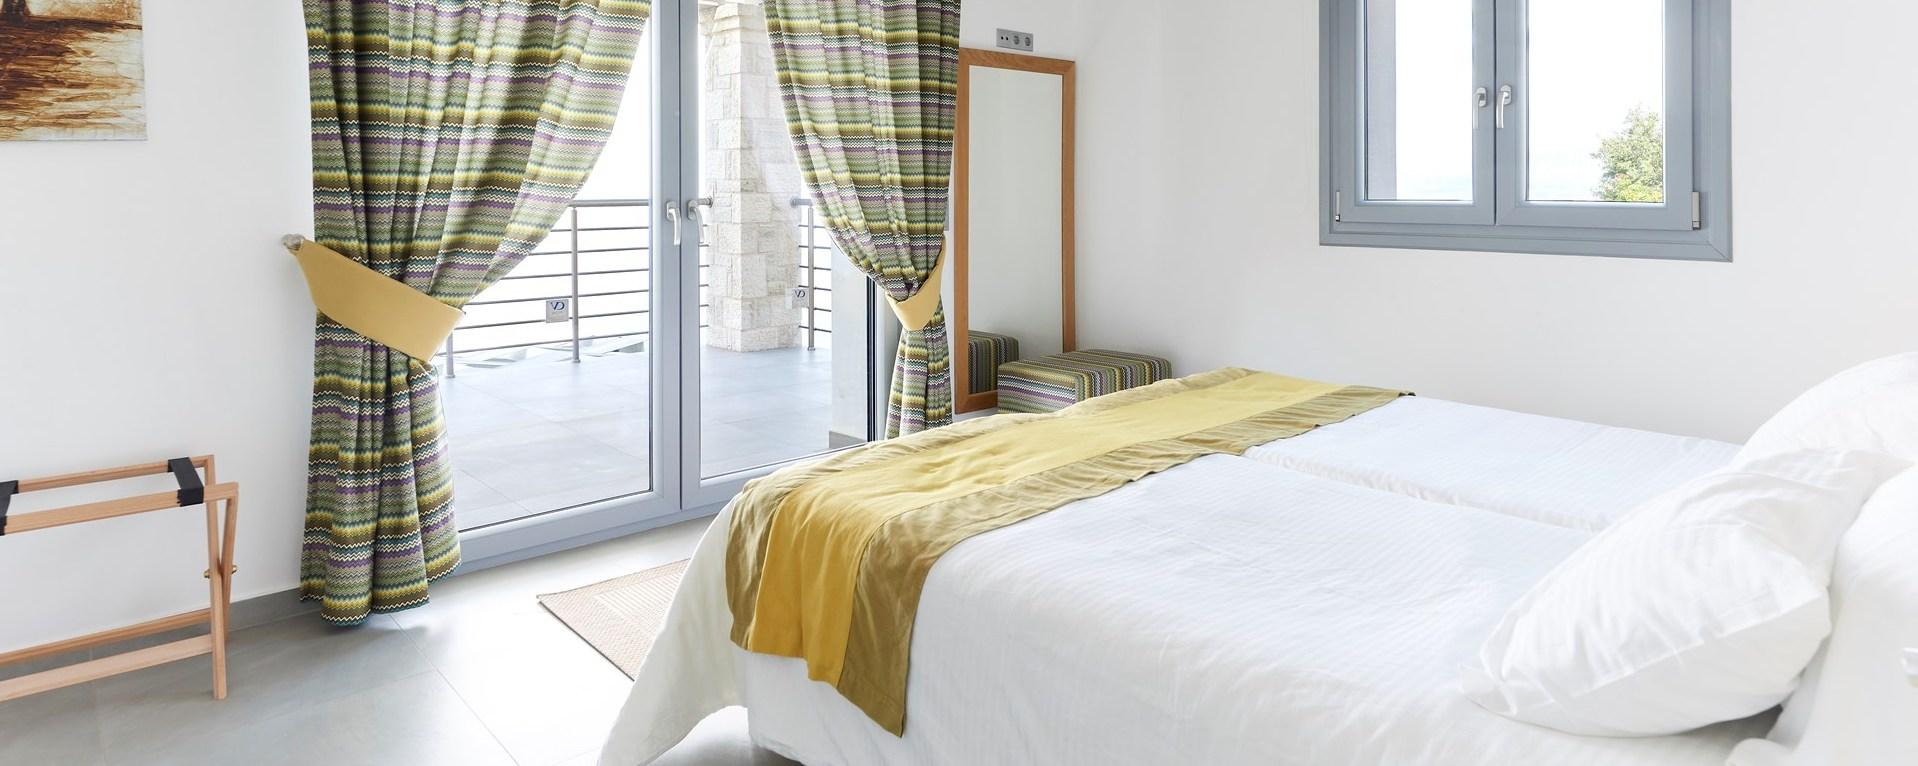 3-bedroom-seaview-family-villa-corfu